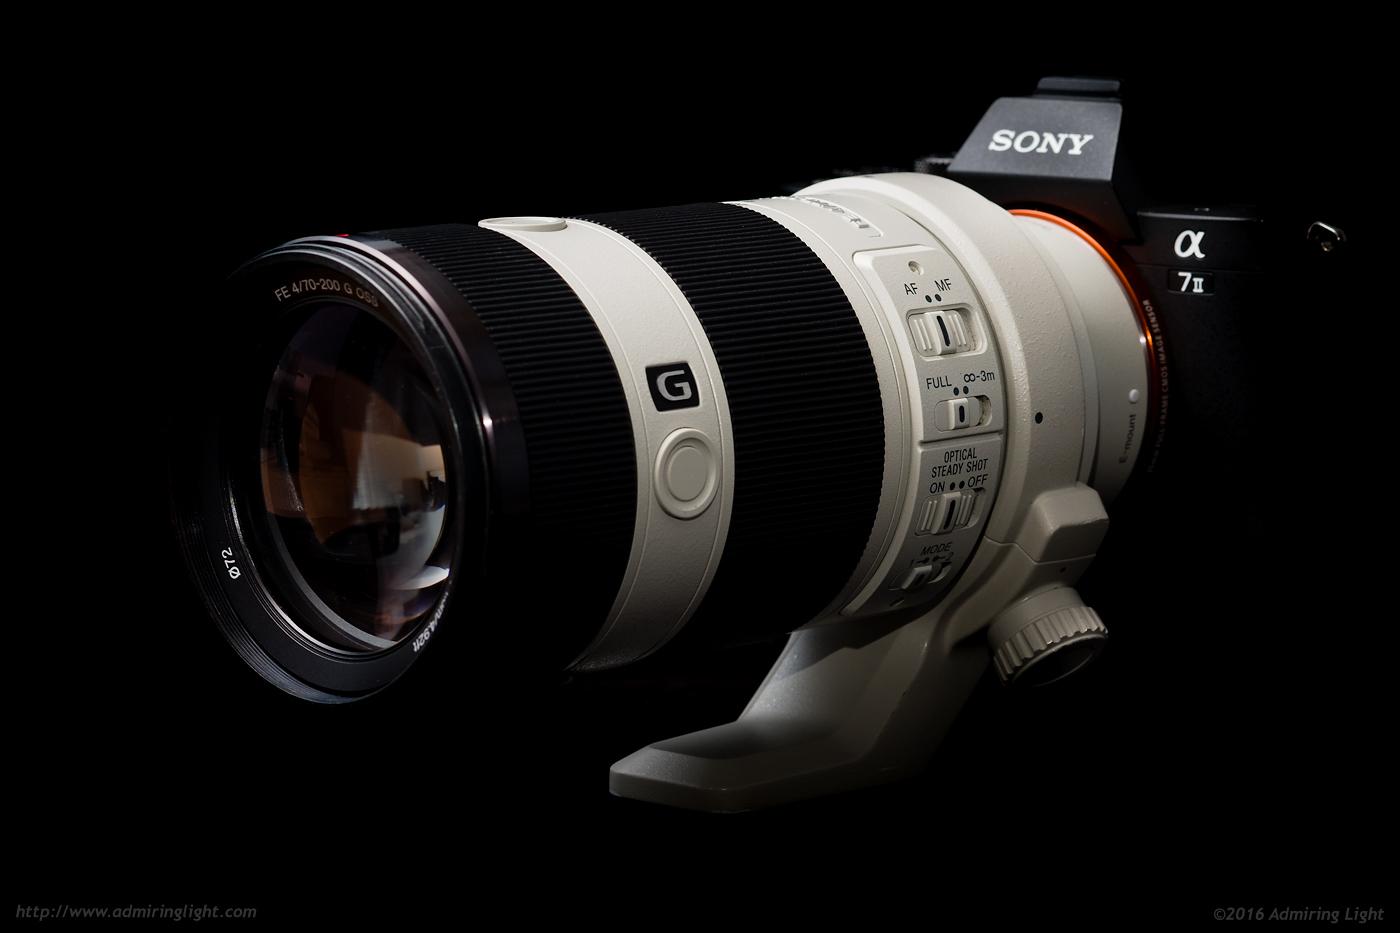 Sony 70-200mm lens